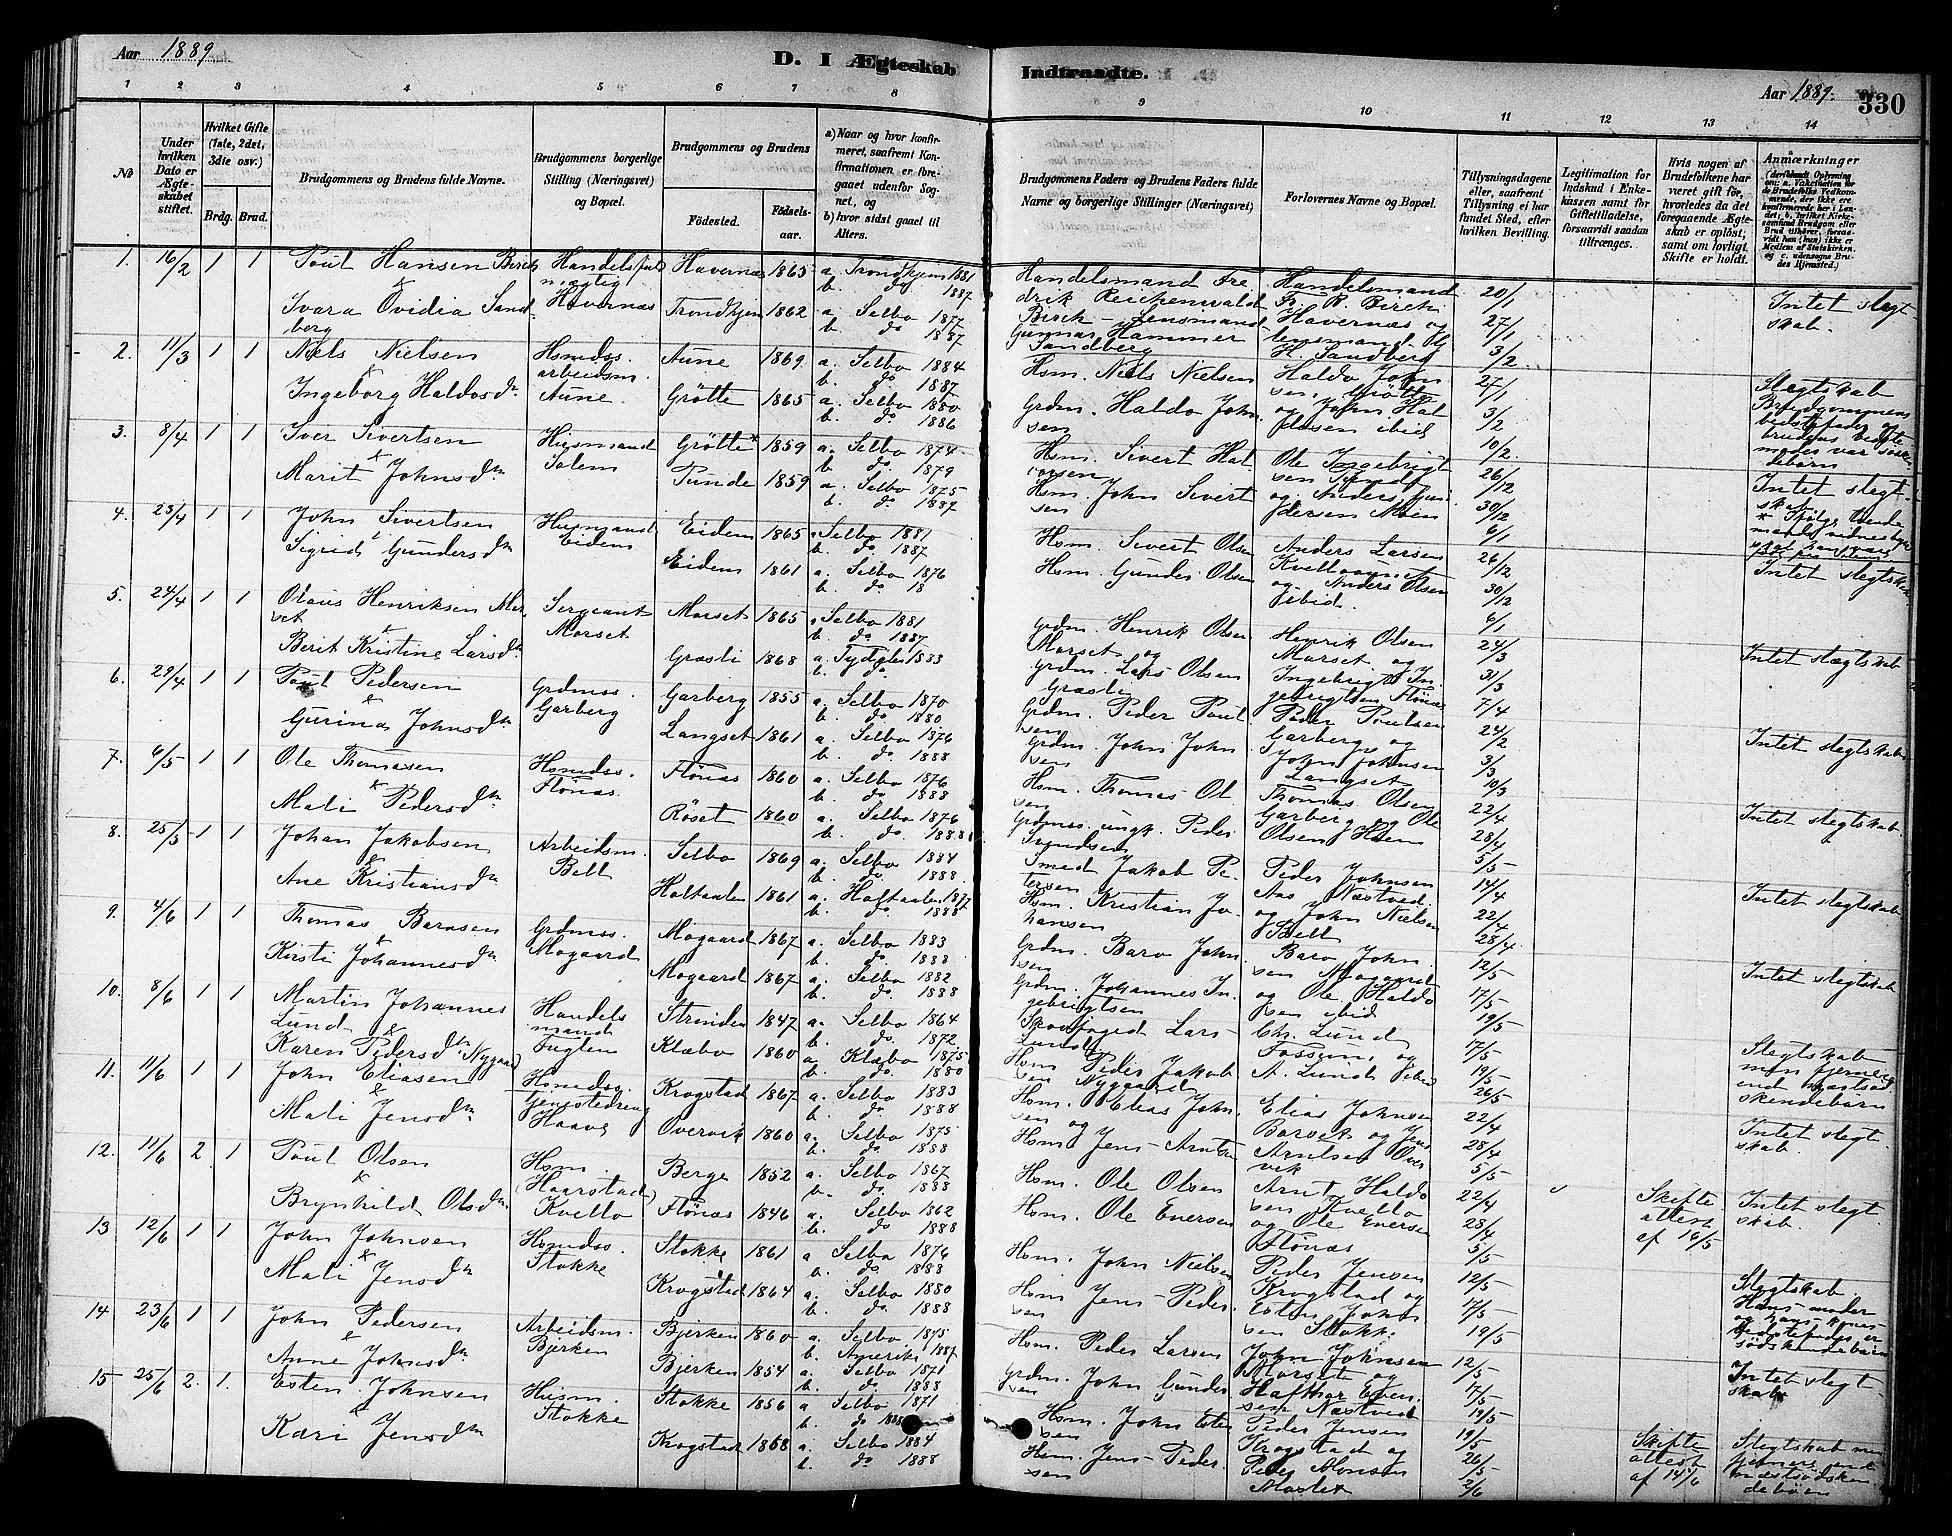 SAT, Ministerialprotokoller, klokkerbøker og fødselsregistre - Sør-Trøndelag, 695/L1148: Ministerialbok nr. 695A08, 1878-1891, s. 330